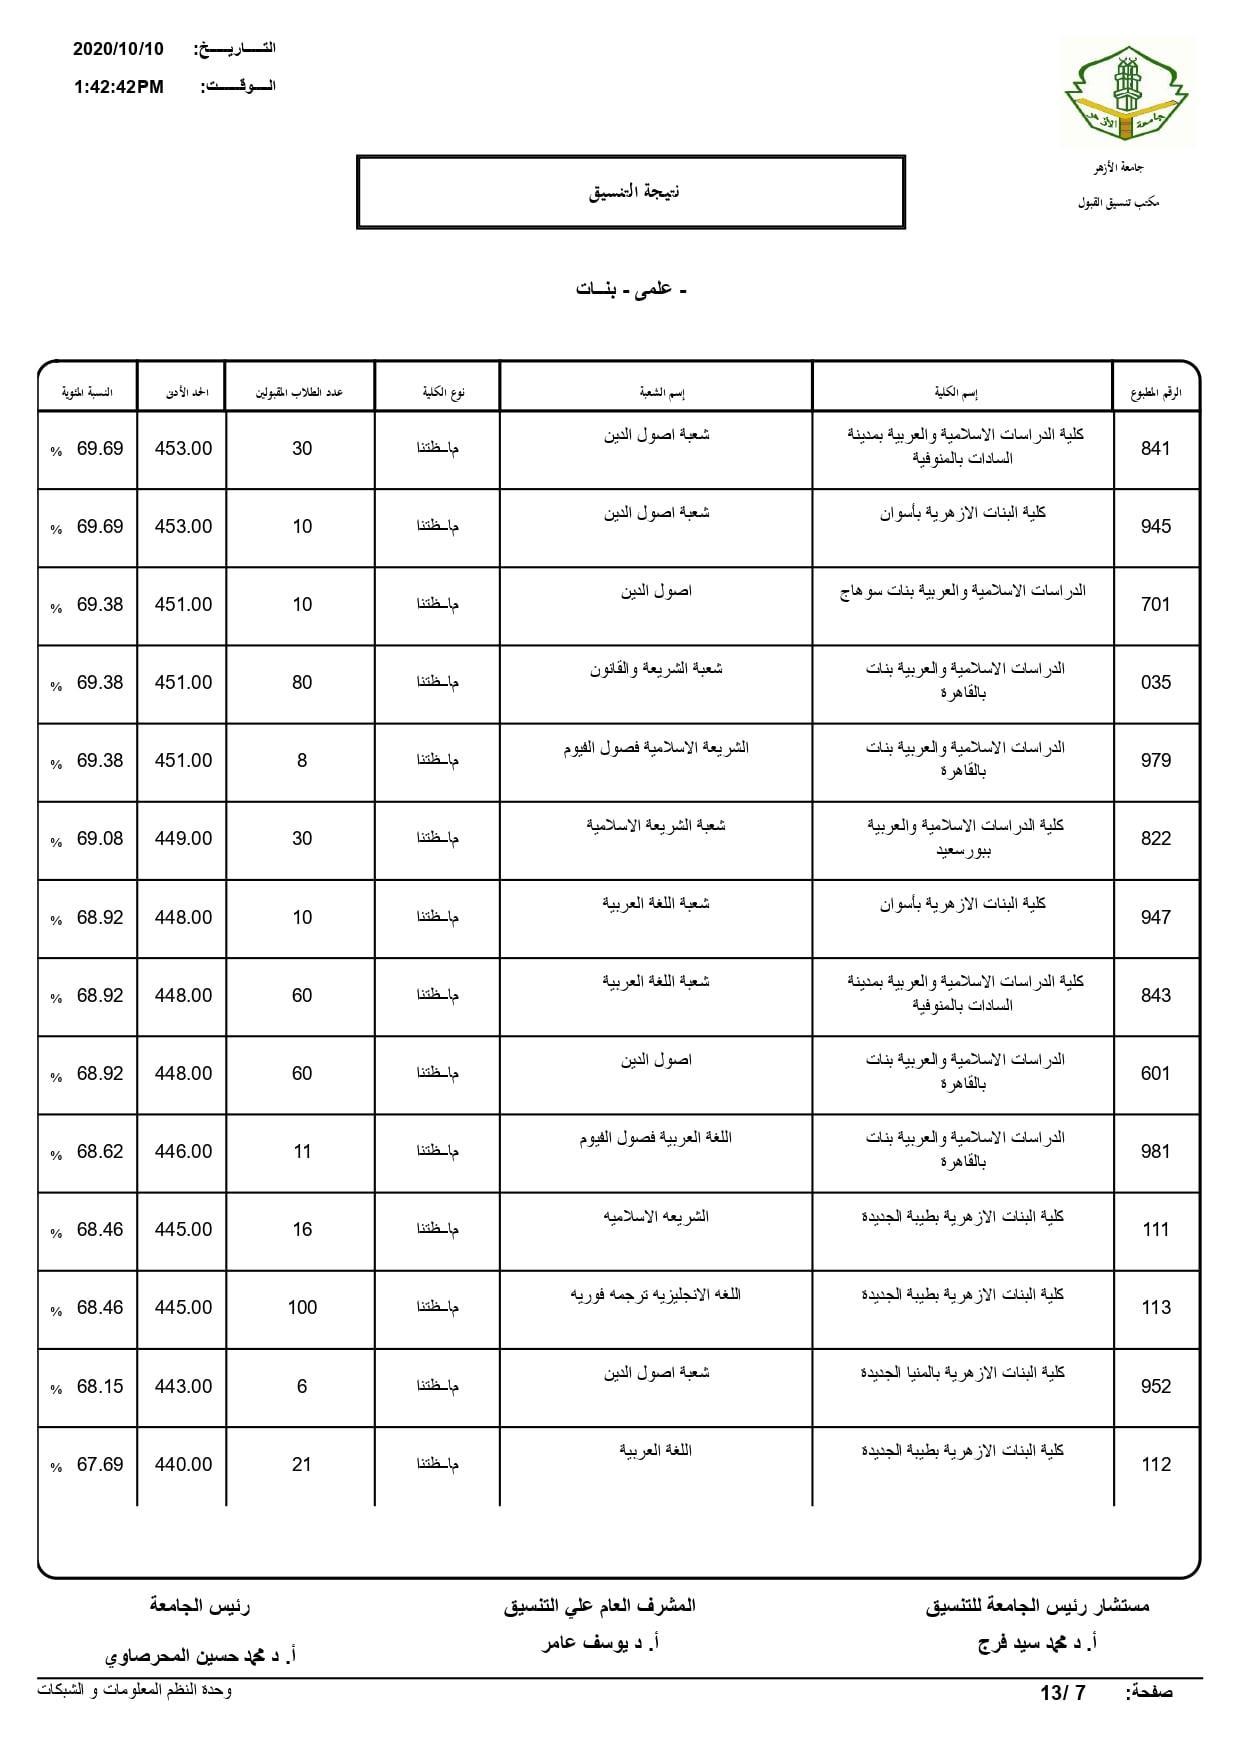 نتيجة تنسيق كليات جامعة الأزهر لعام 2020 بالكامل 20201010203354506